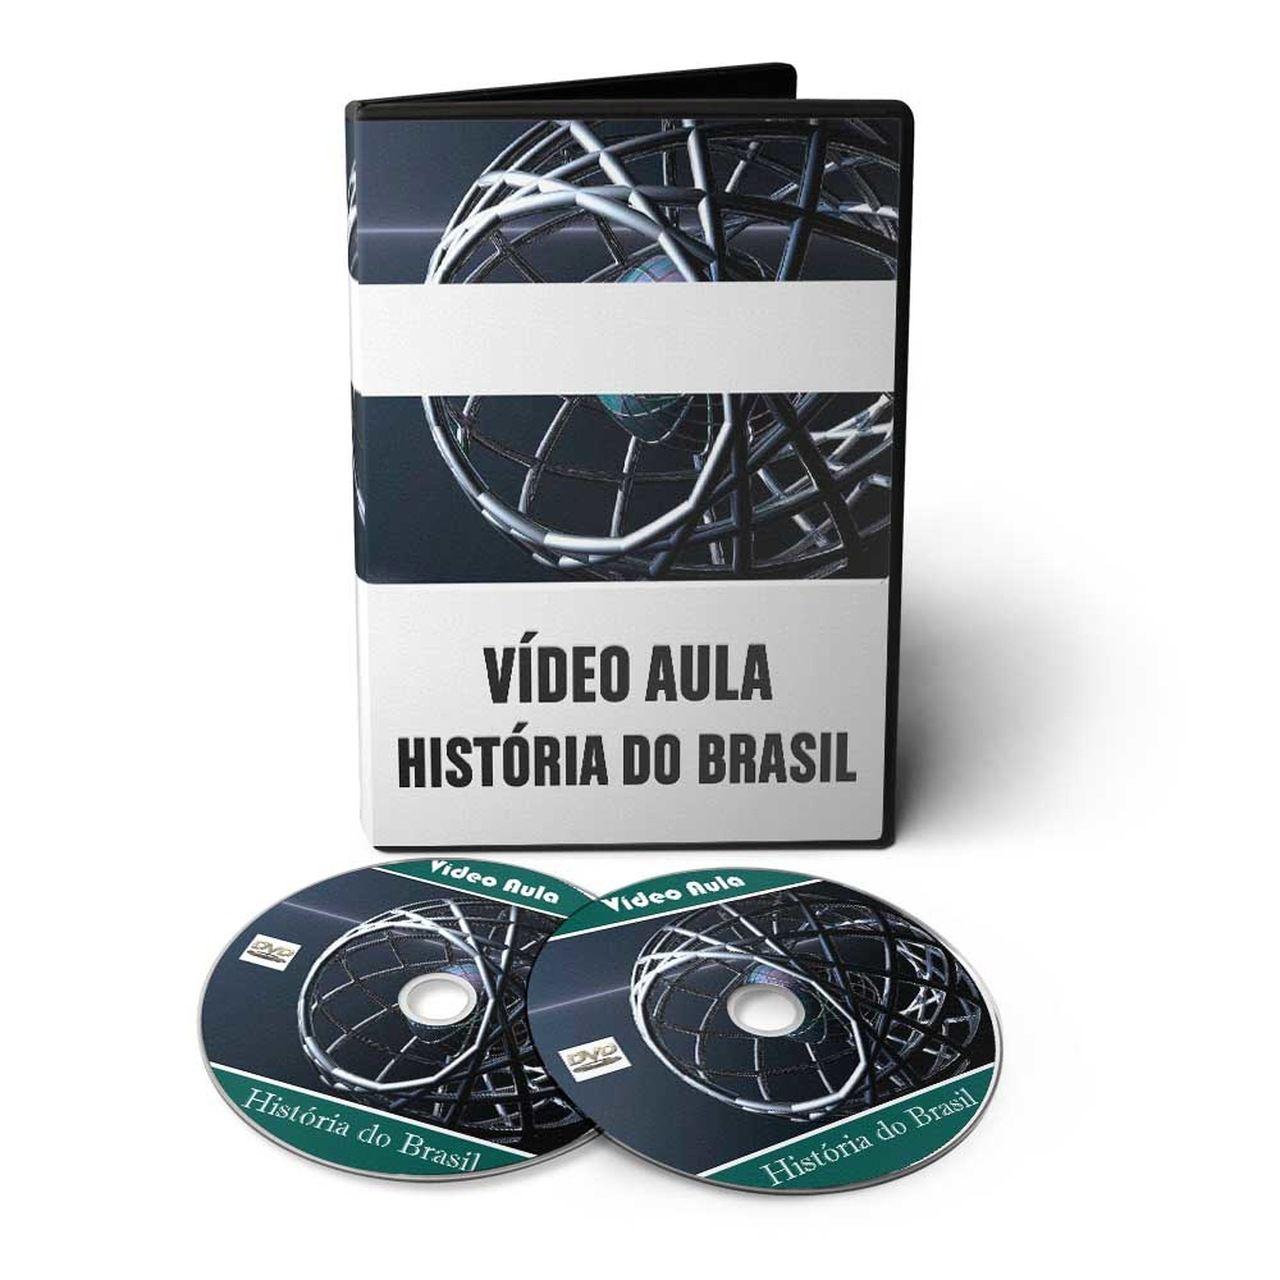 Curso de História do Brasil e Mundial em 02 DVDs Videoaula  - Aprova Cursos